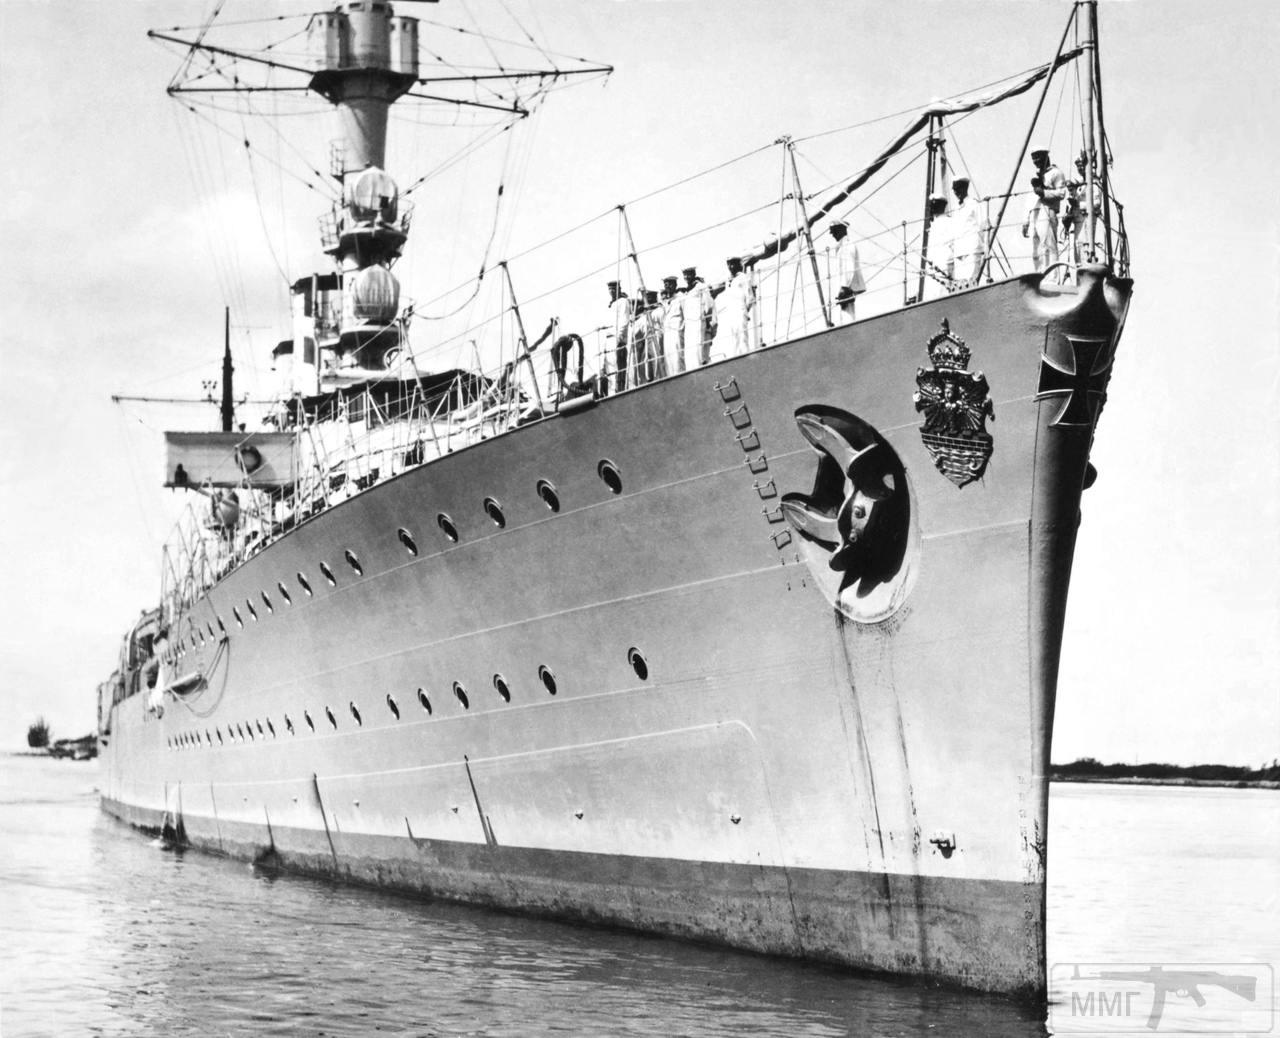 42958 - Легкий крейсер Emden